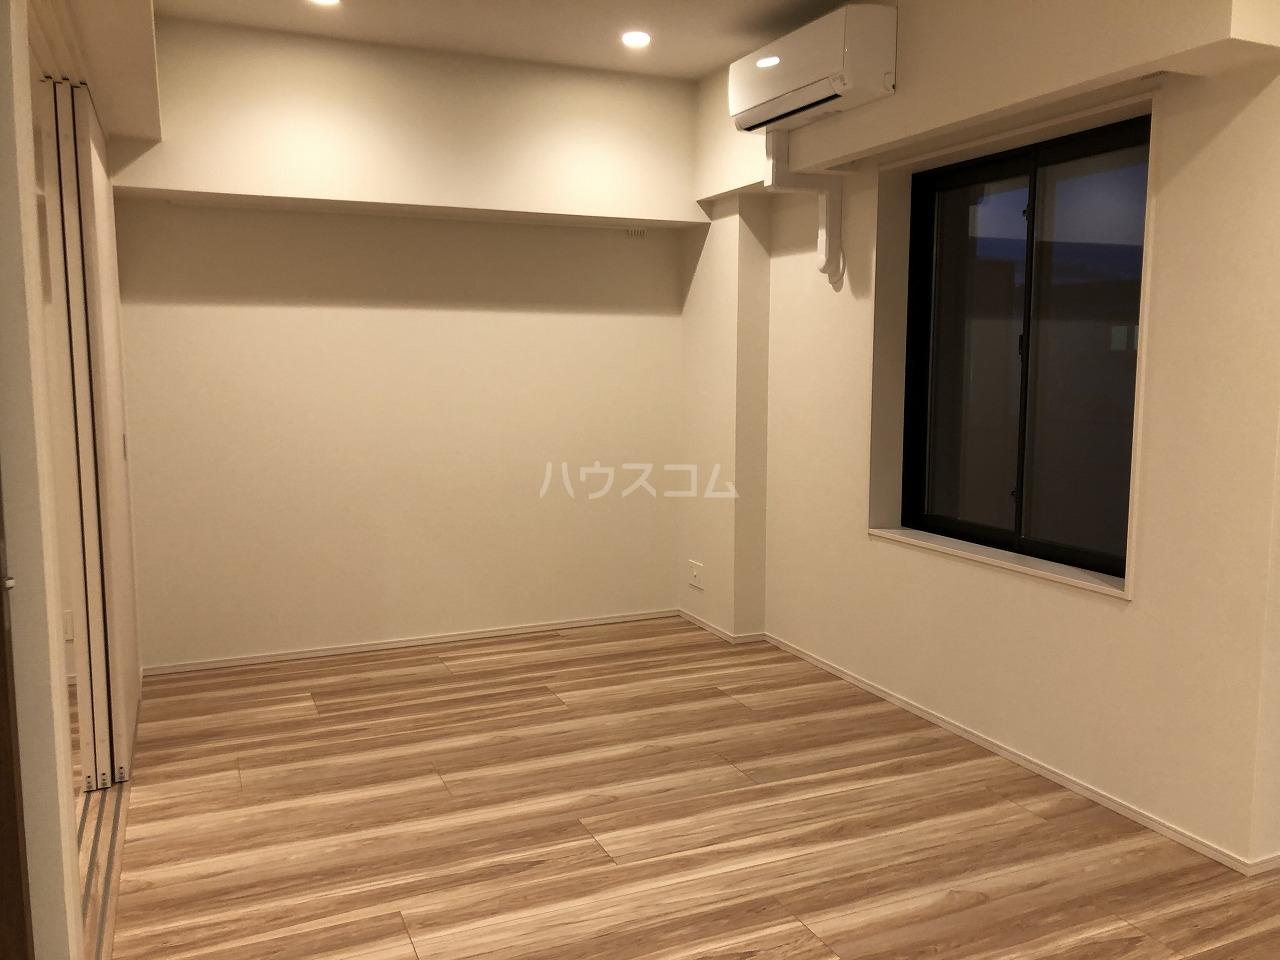 びゅうリエットグラン新宿戸山 519号室のリビング